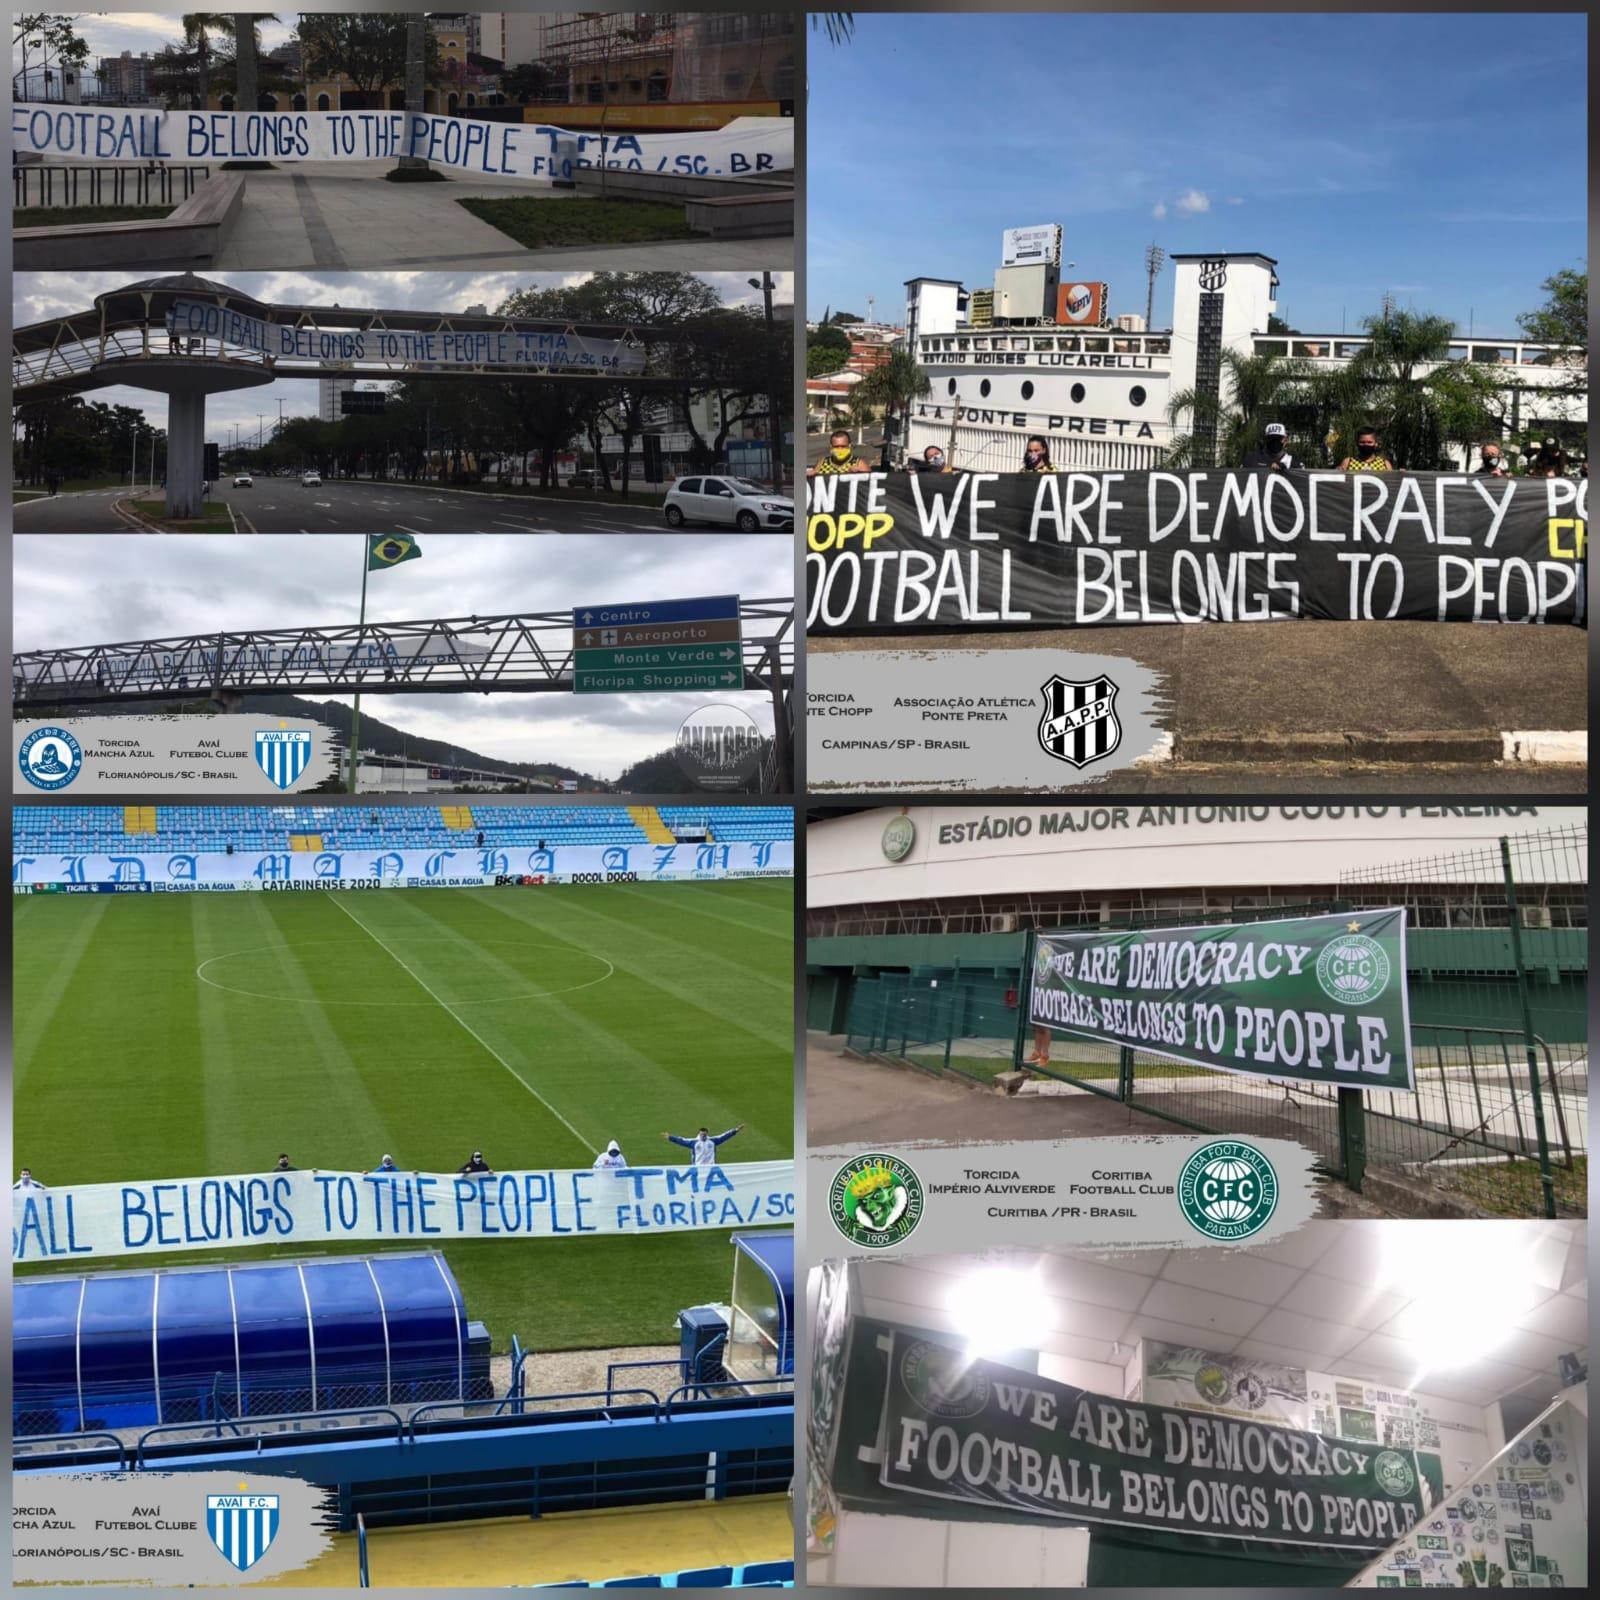 Football belongs to the people